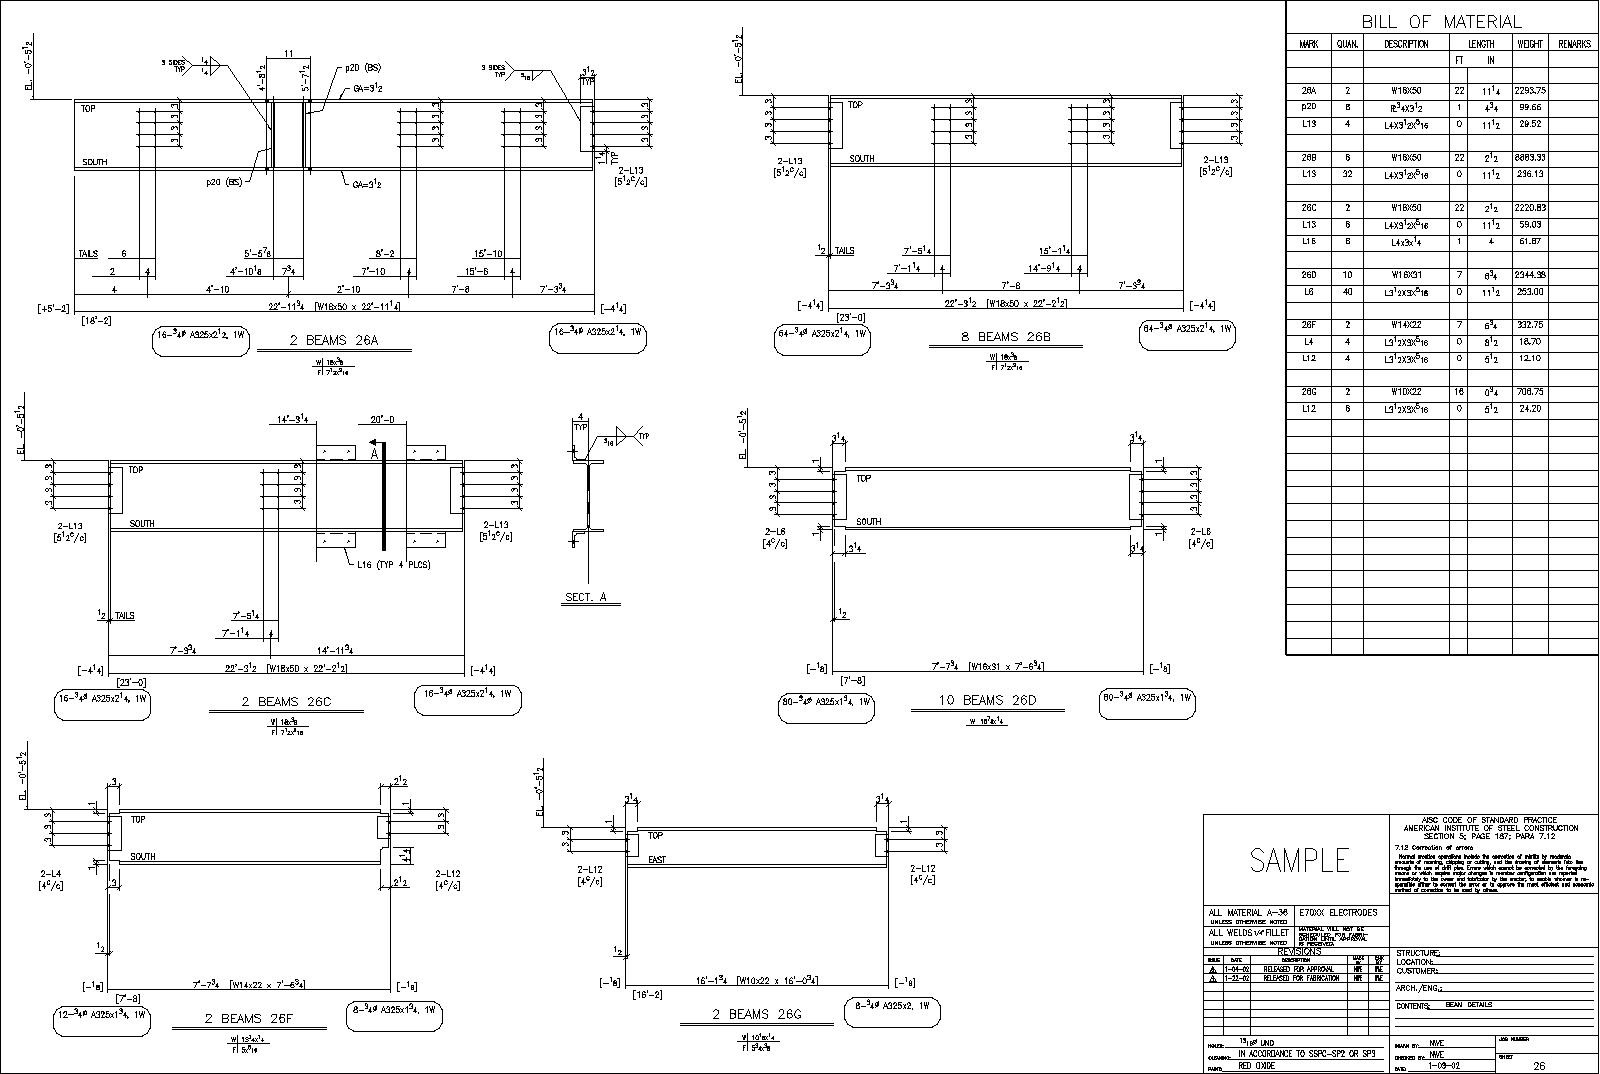 Steel Detailing